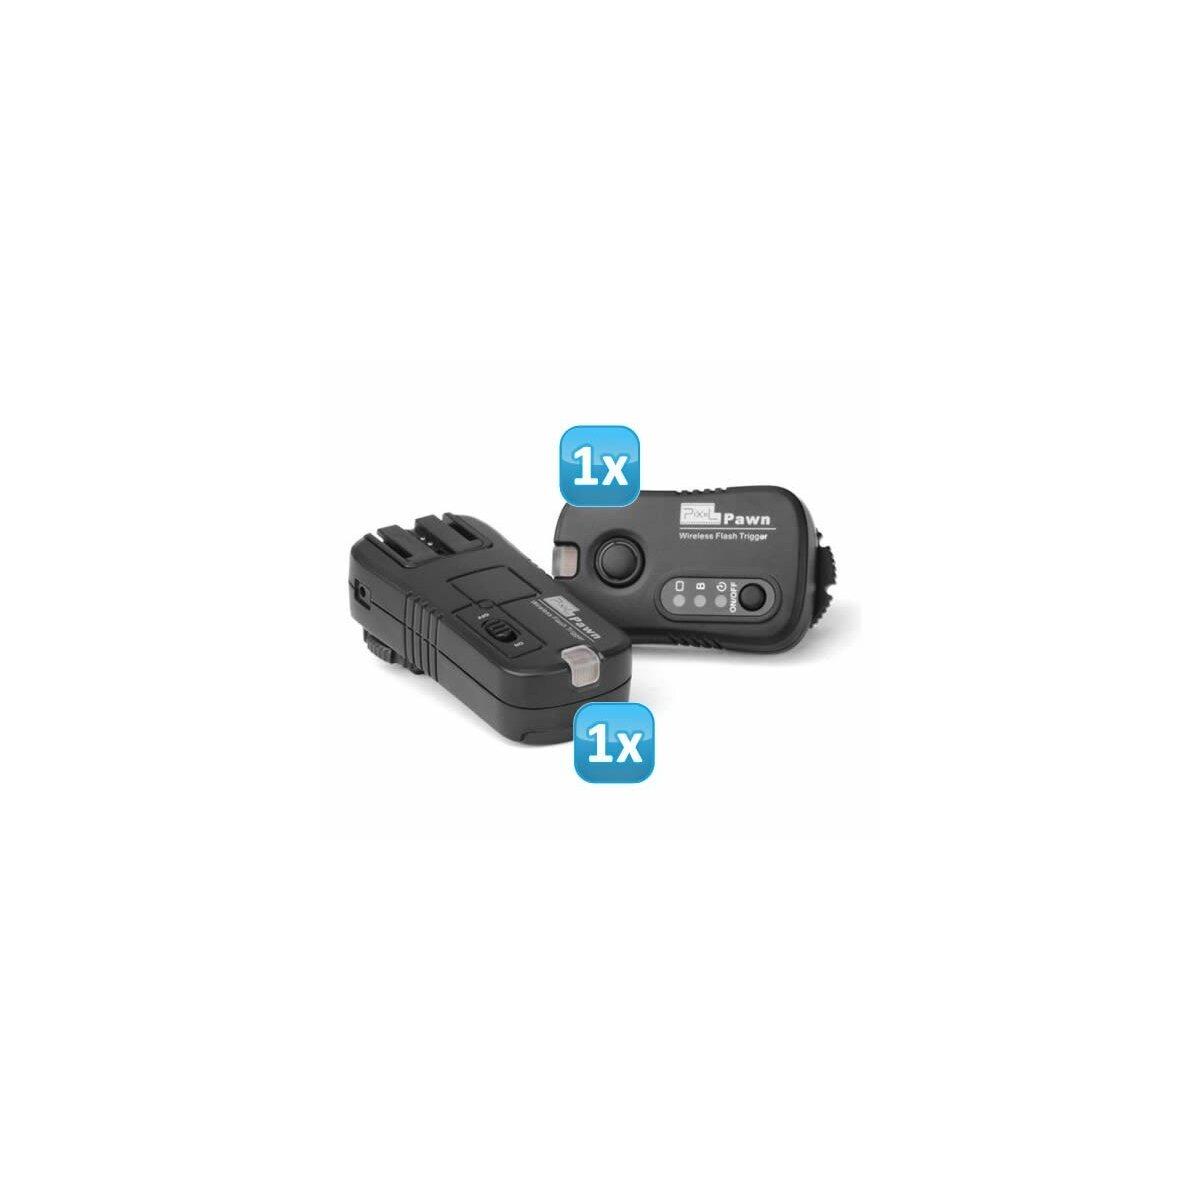 Pixel Pawn TF-363 Funk Blitzauslöser Set bis zu 100m kompatibel mit Sony und Minolta Blitzgeräte – Funkauslöser Kamera- und Blitz